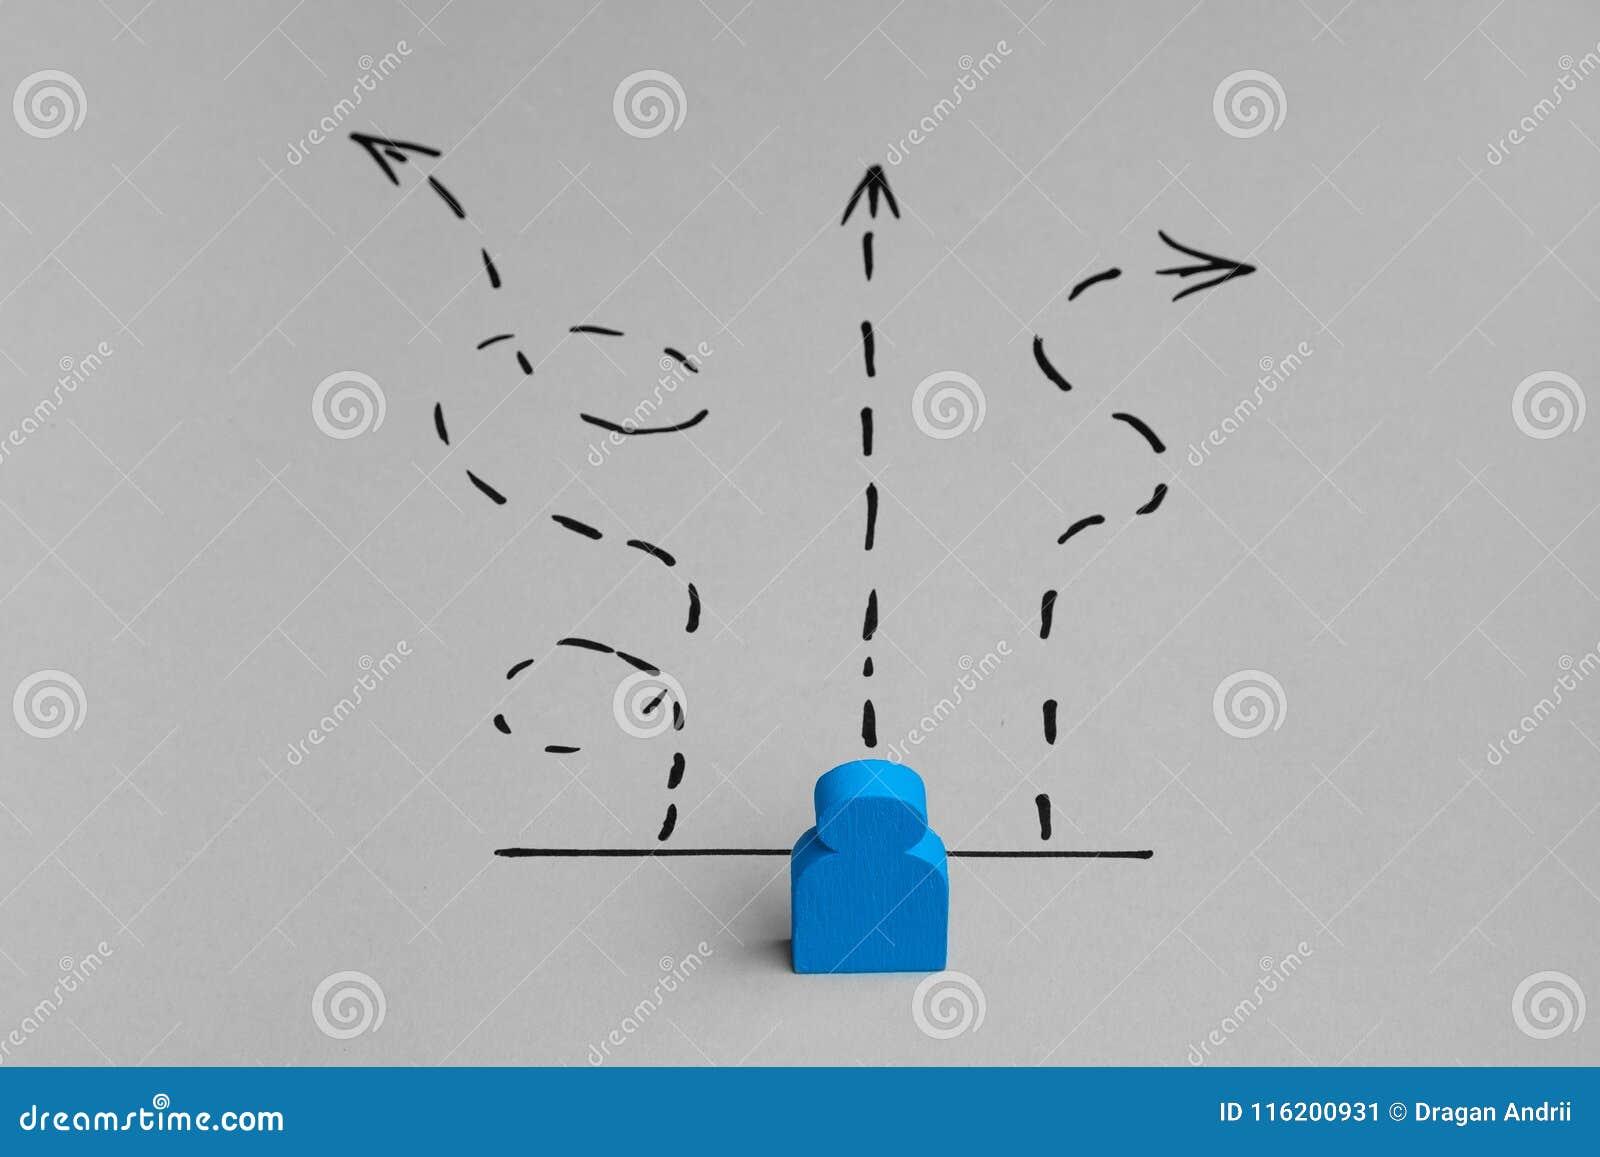 Välja banan till framgång Kortslutning och rätt riktning på vägen